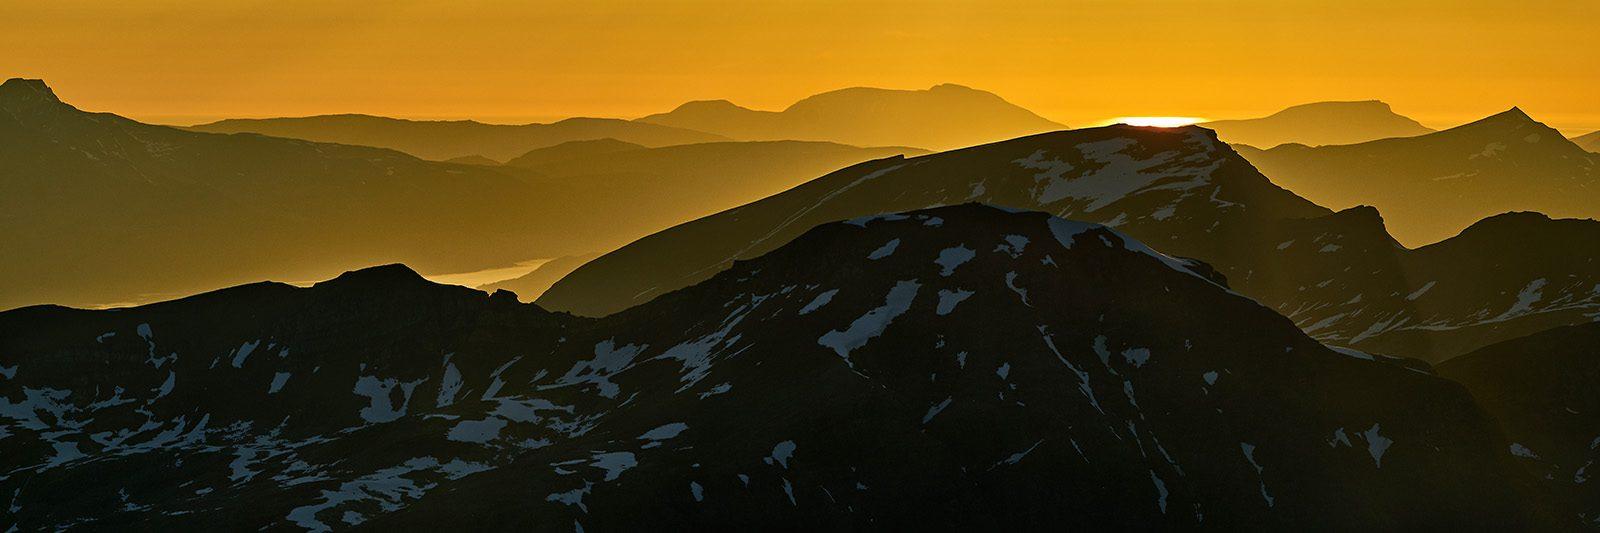 Solnedgang over nordnorske fjell av Henning Mella